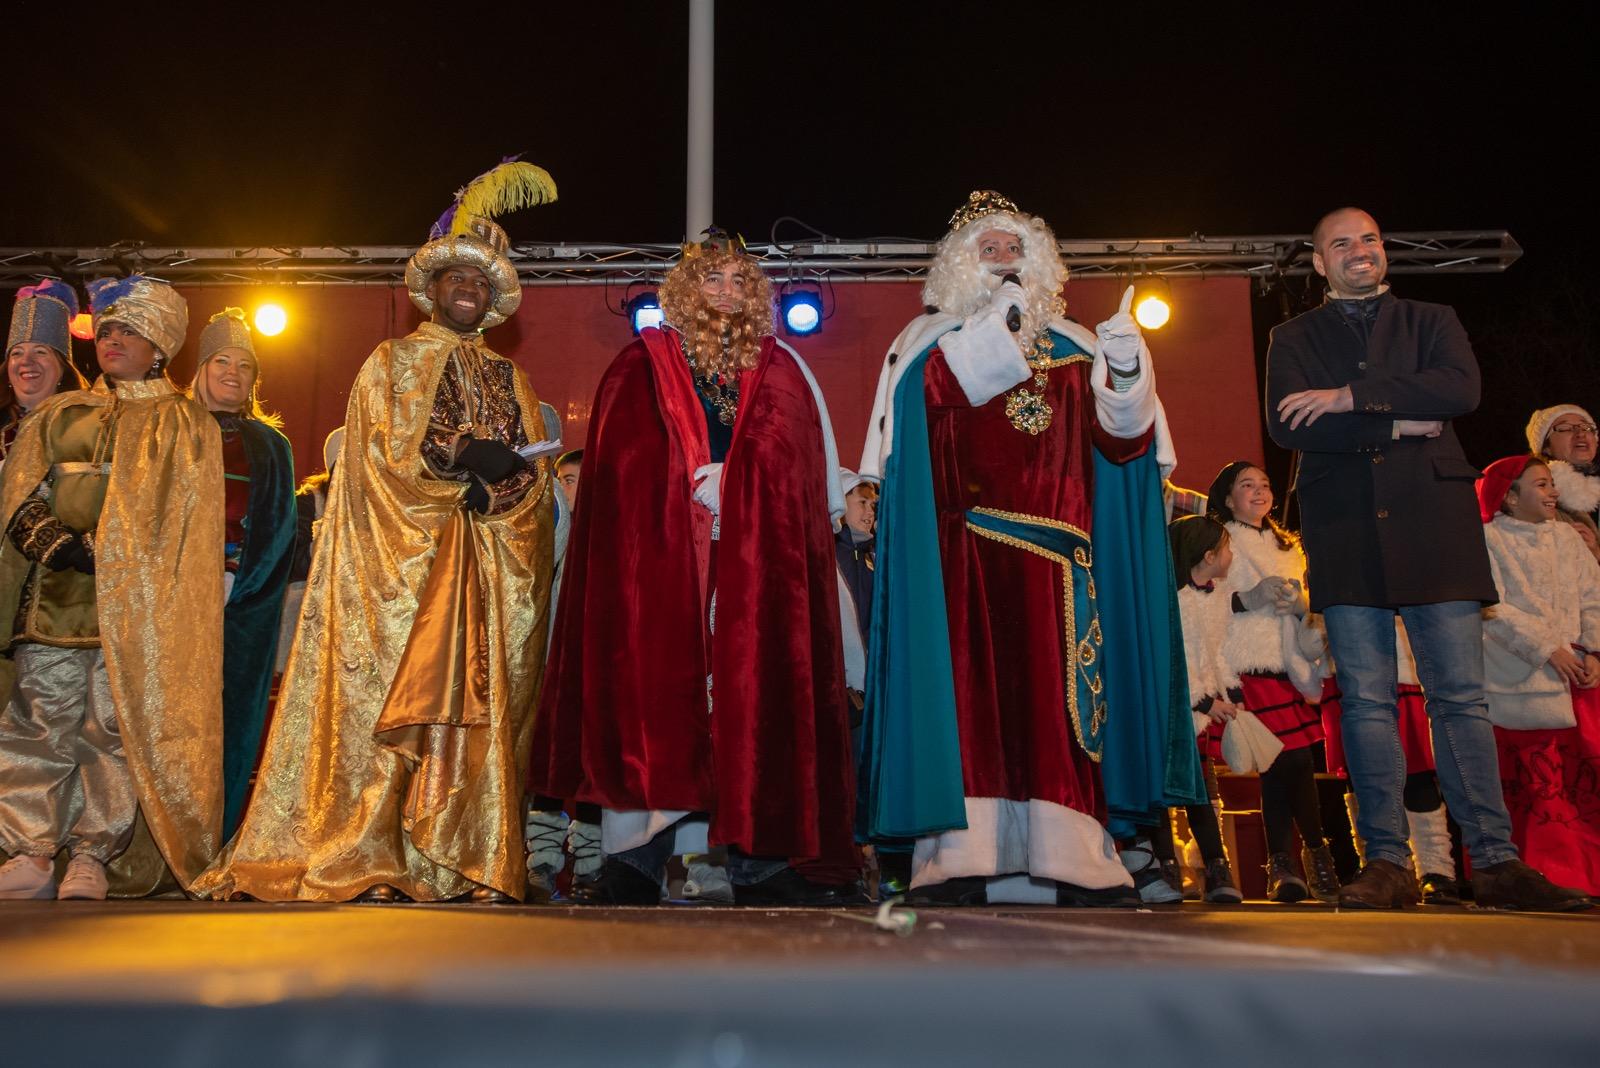 Los Reyes Magos llegan en bus descapotable y con GPS